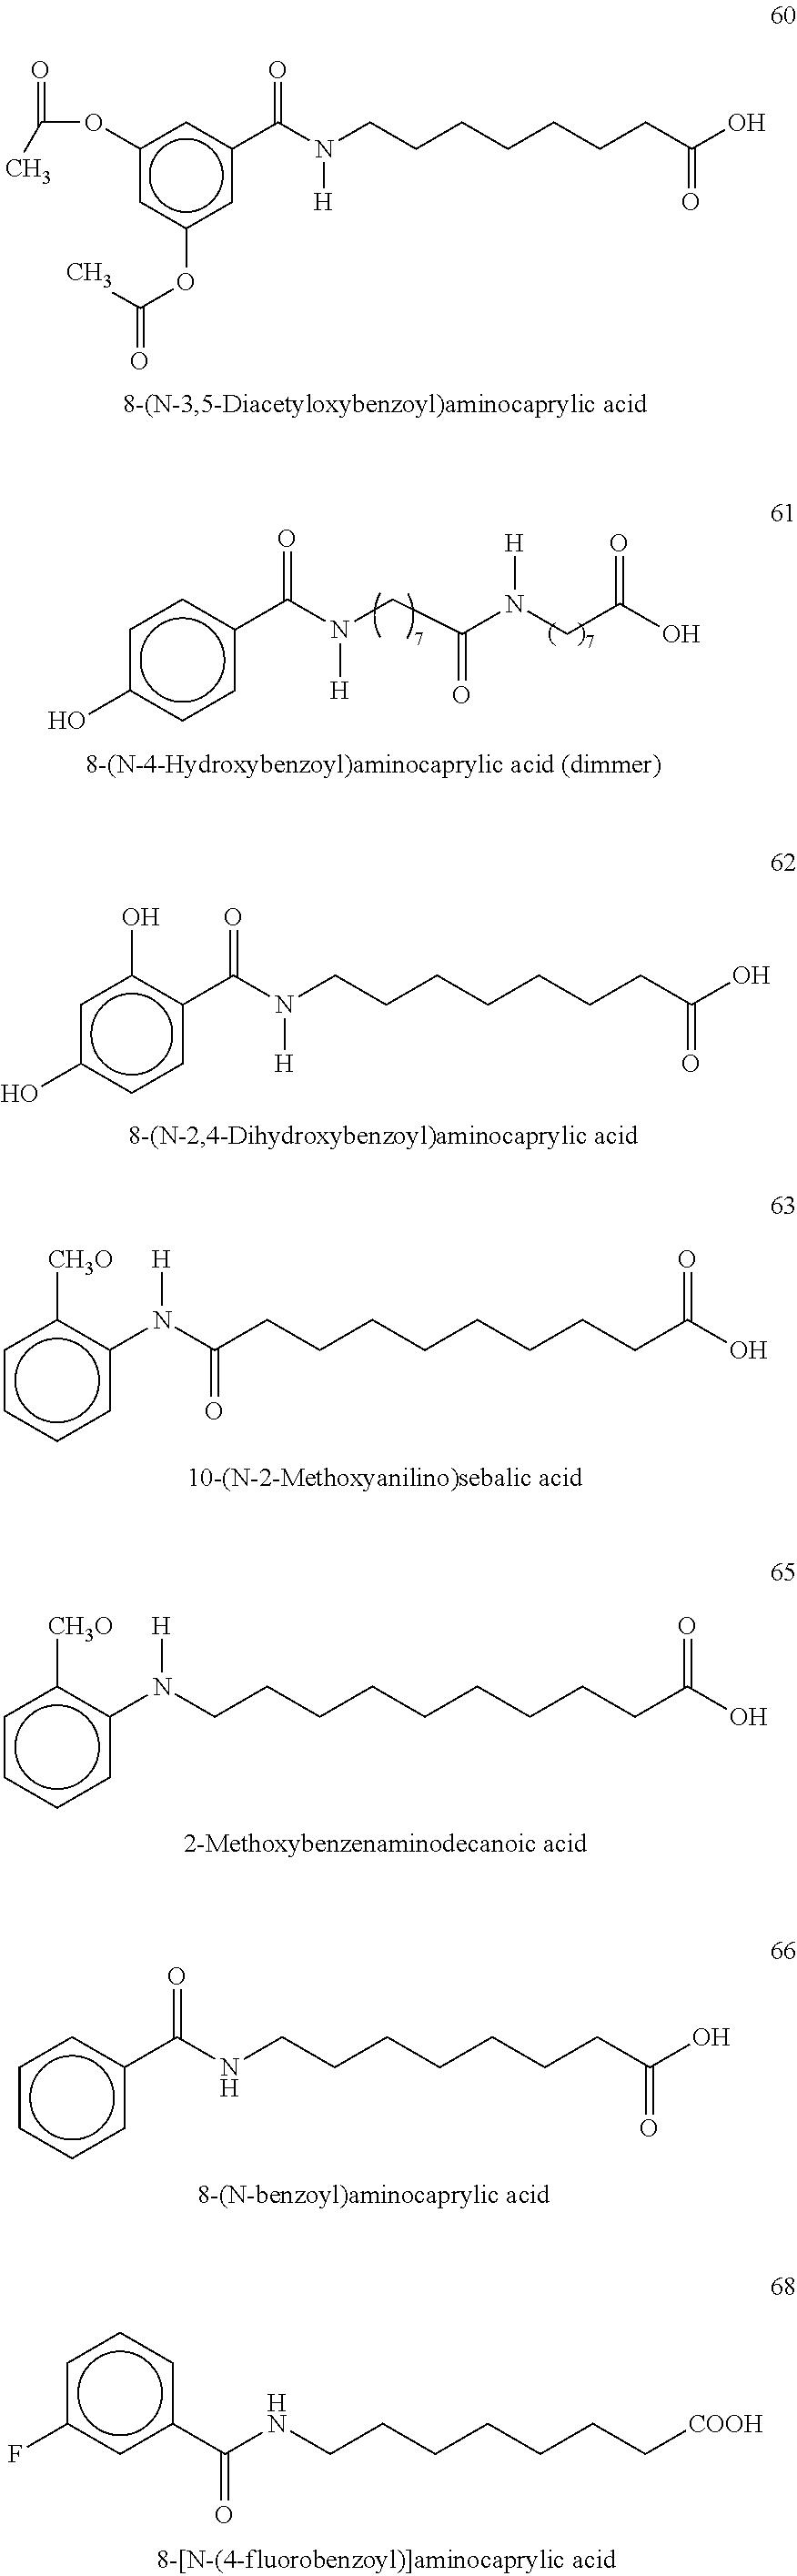 Figure US08686154-20140401-C00034